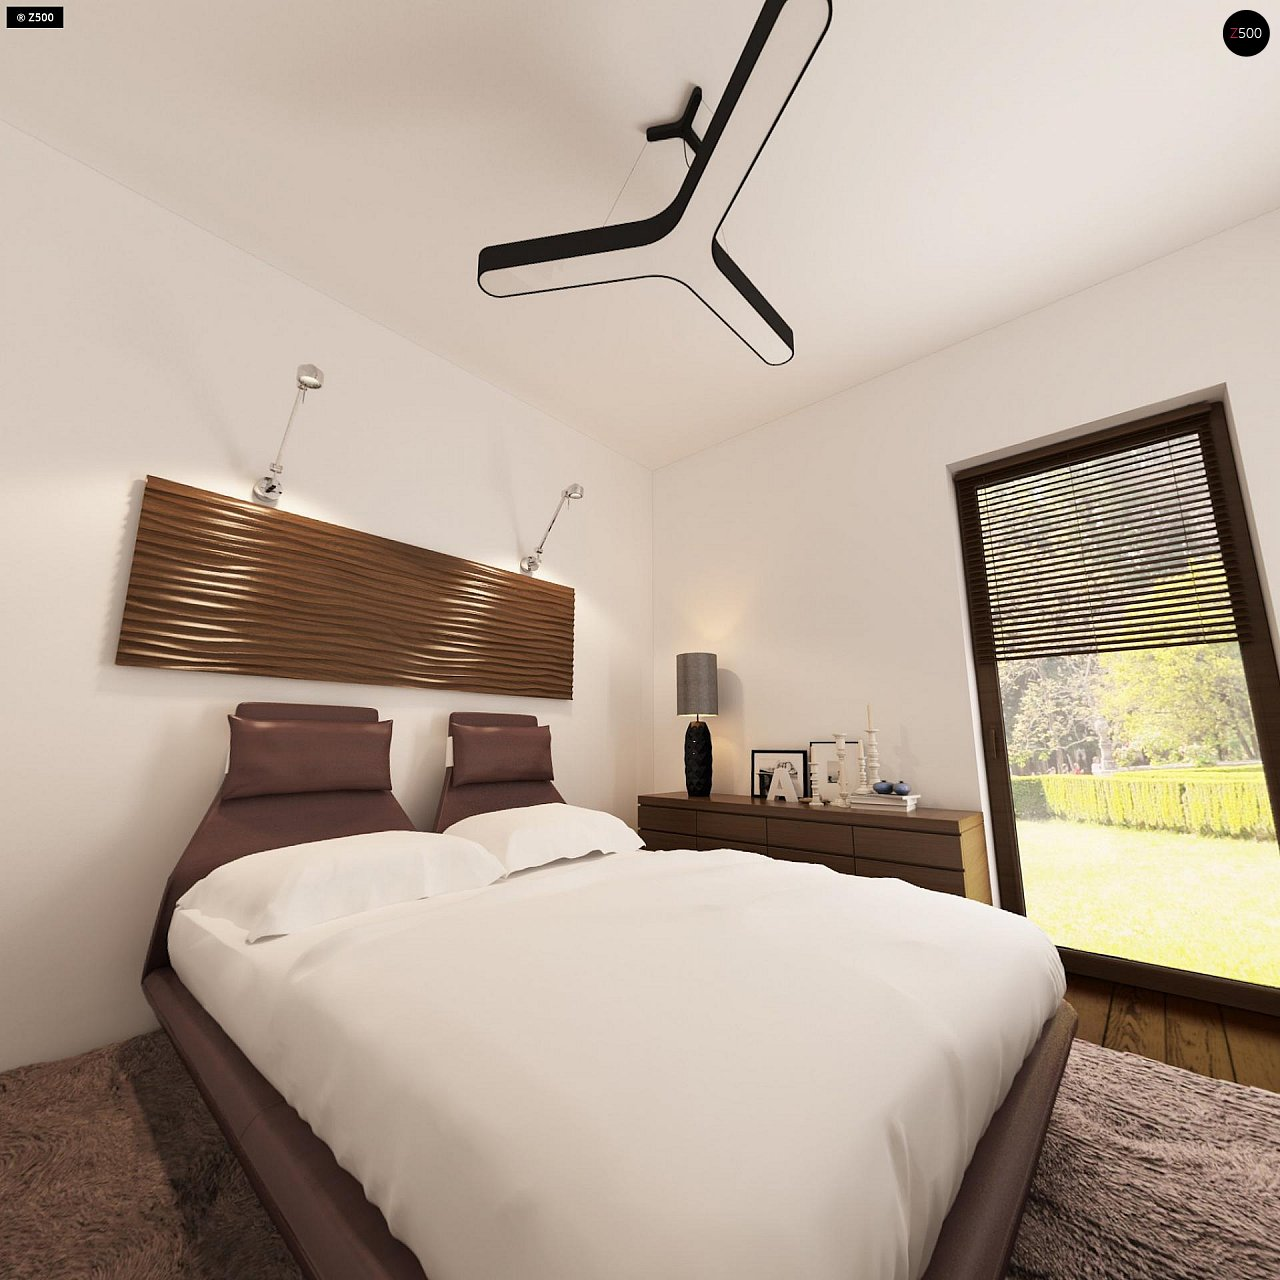 Проект небольшого практичного одноэтажного дома. Есть возможность обустройства чердачного помещения. 9